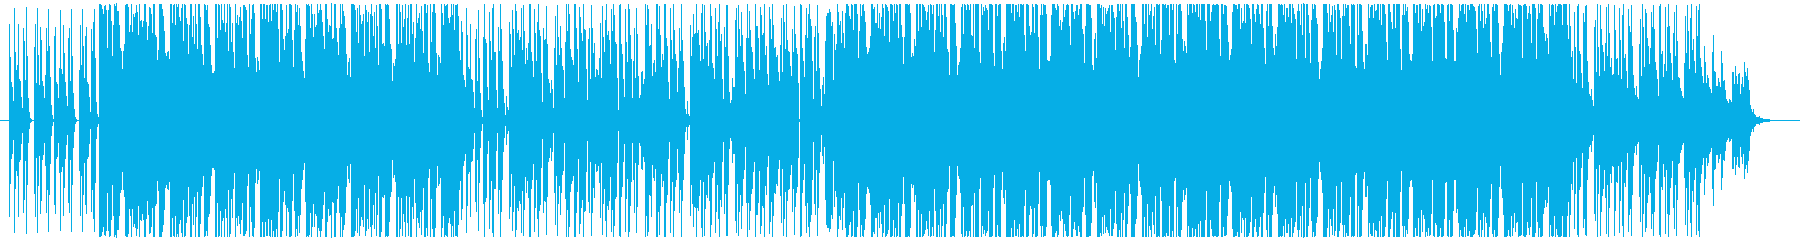 洋楽風で爽やかなインスト/CM/企業VPの再生済みの波形